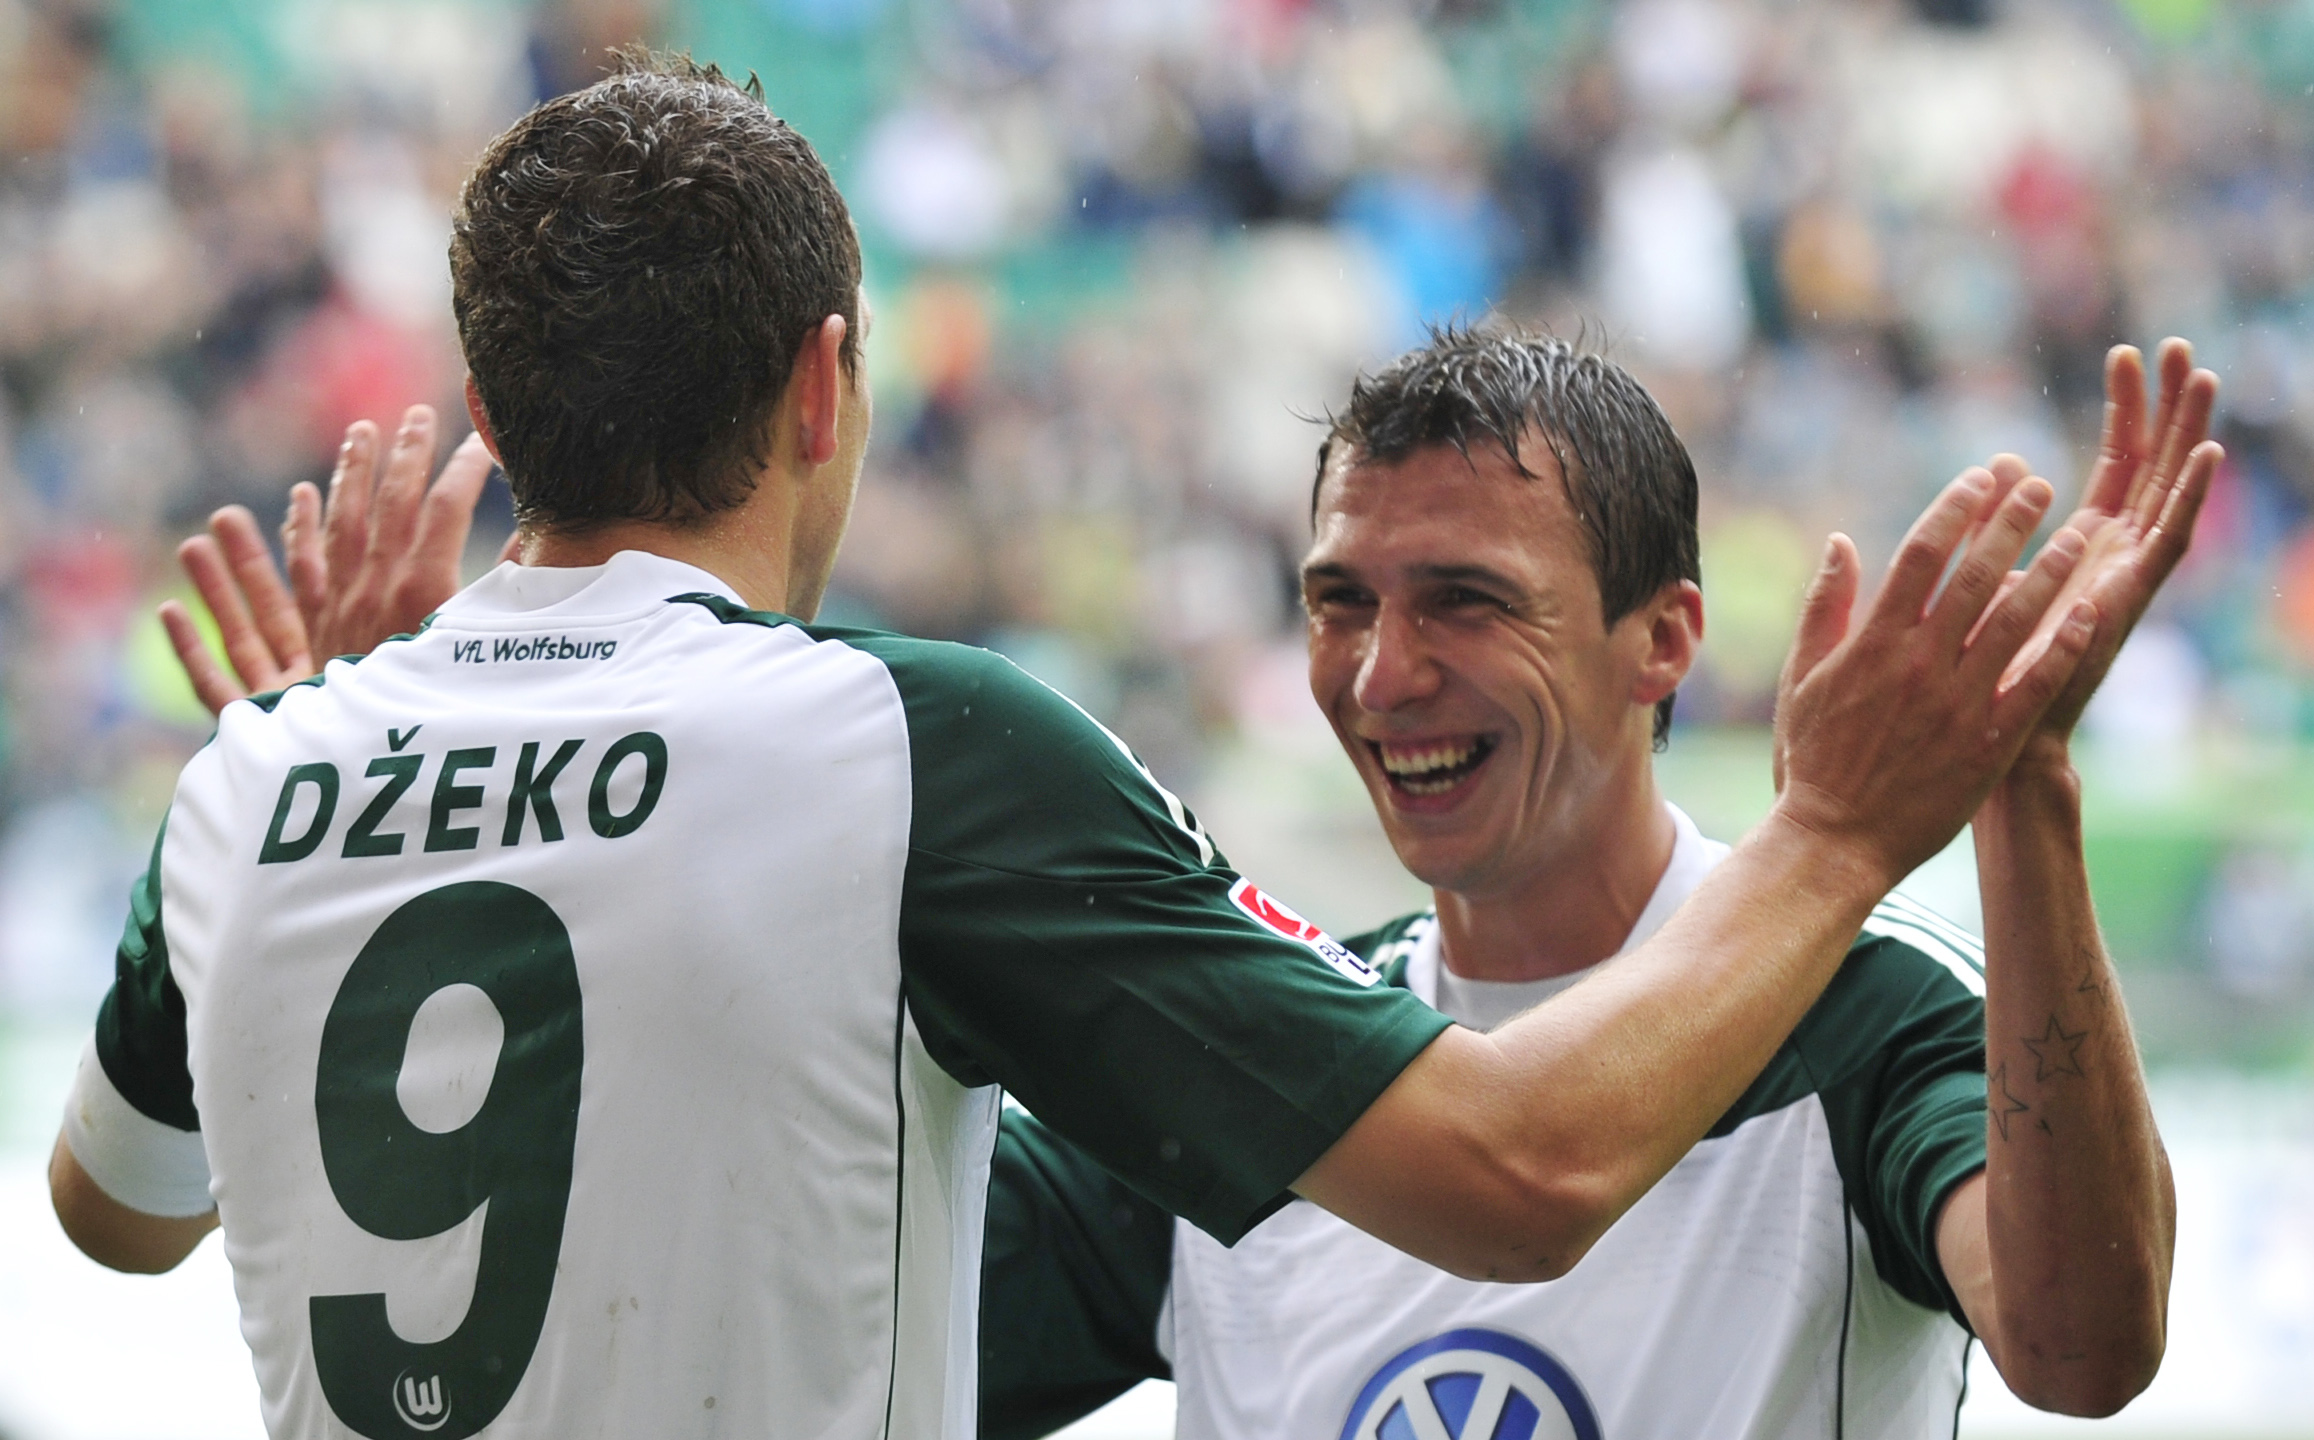 Dzeko e Mandzukic ai tempi del Wolfsburg